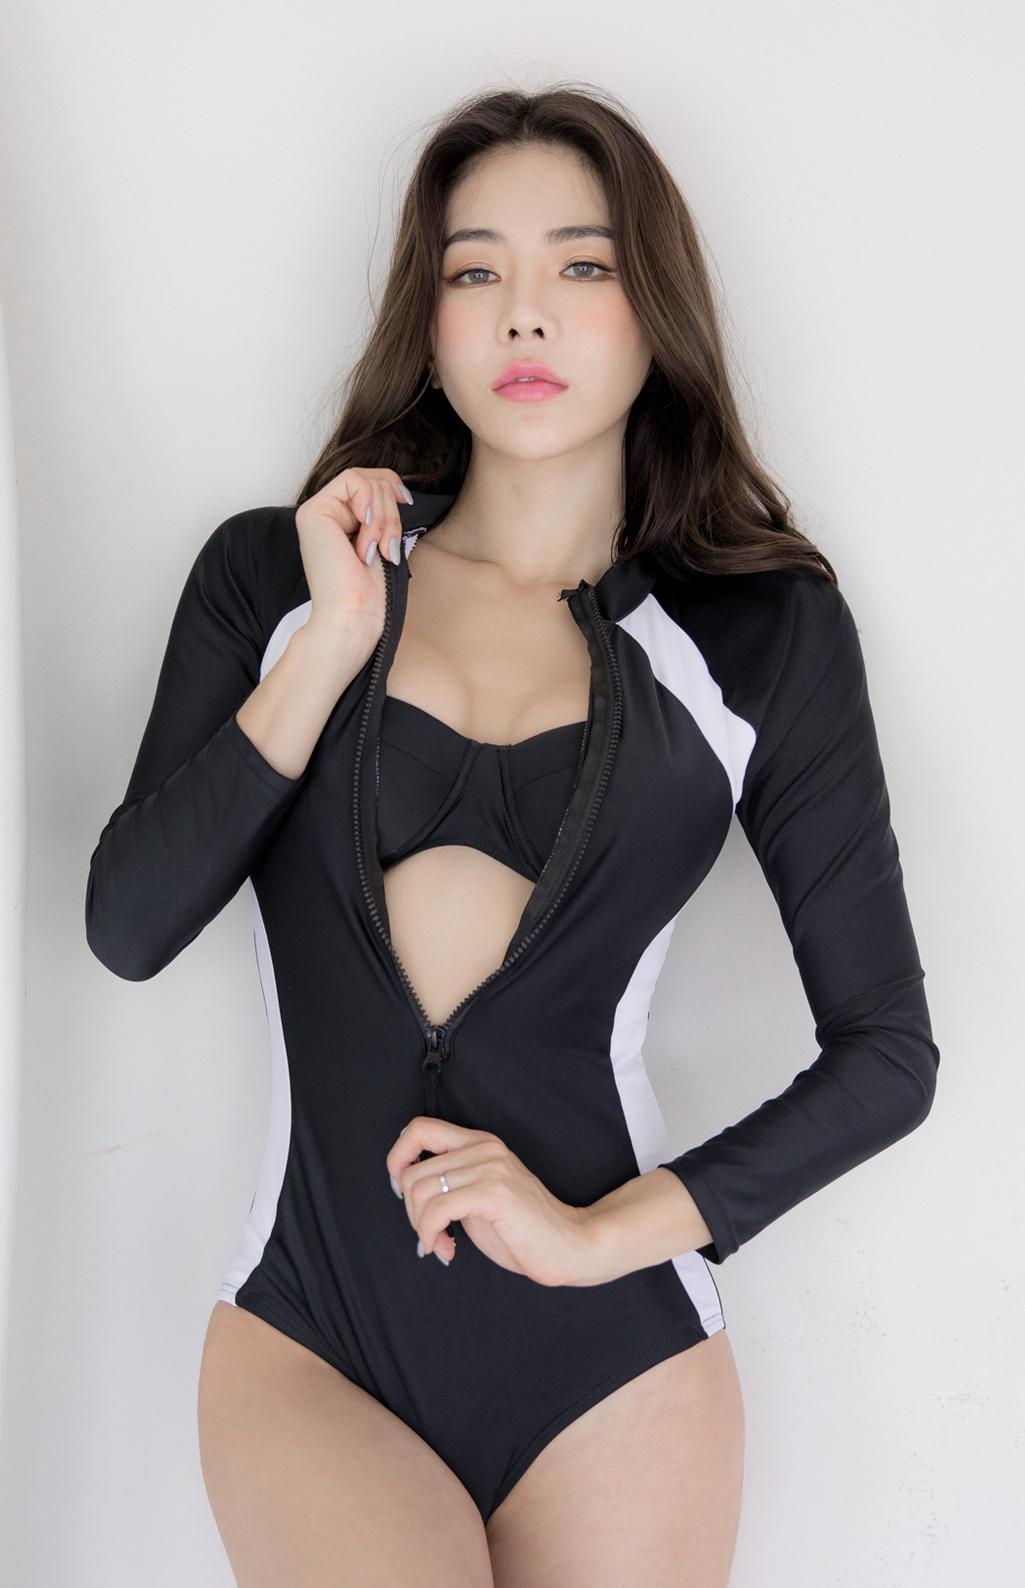 安淑琳内衣模特合集安淑琳内衣比基尼合集乐多美女网整理第16期